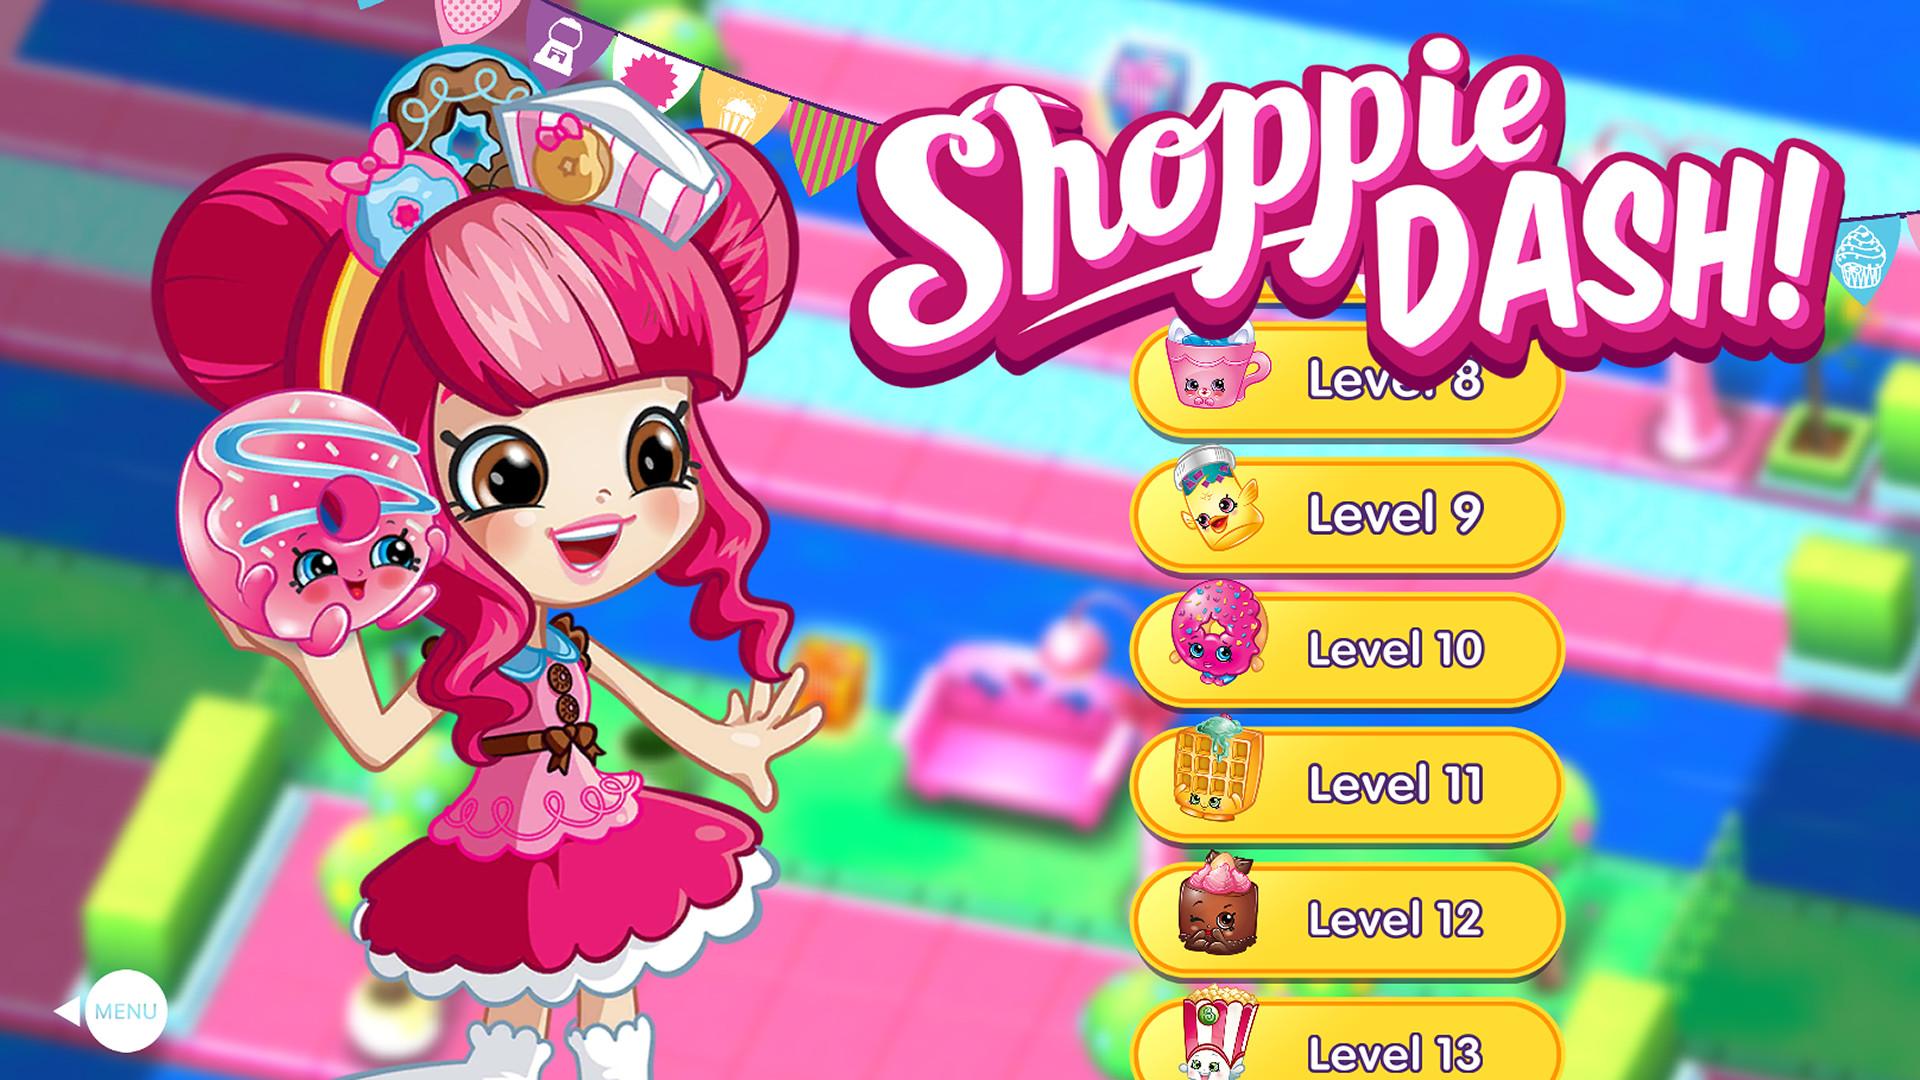 … Shopkins: Shoppie Dash! screenshot 15